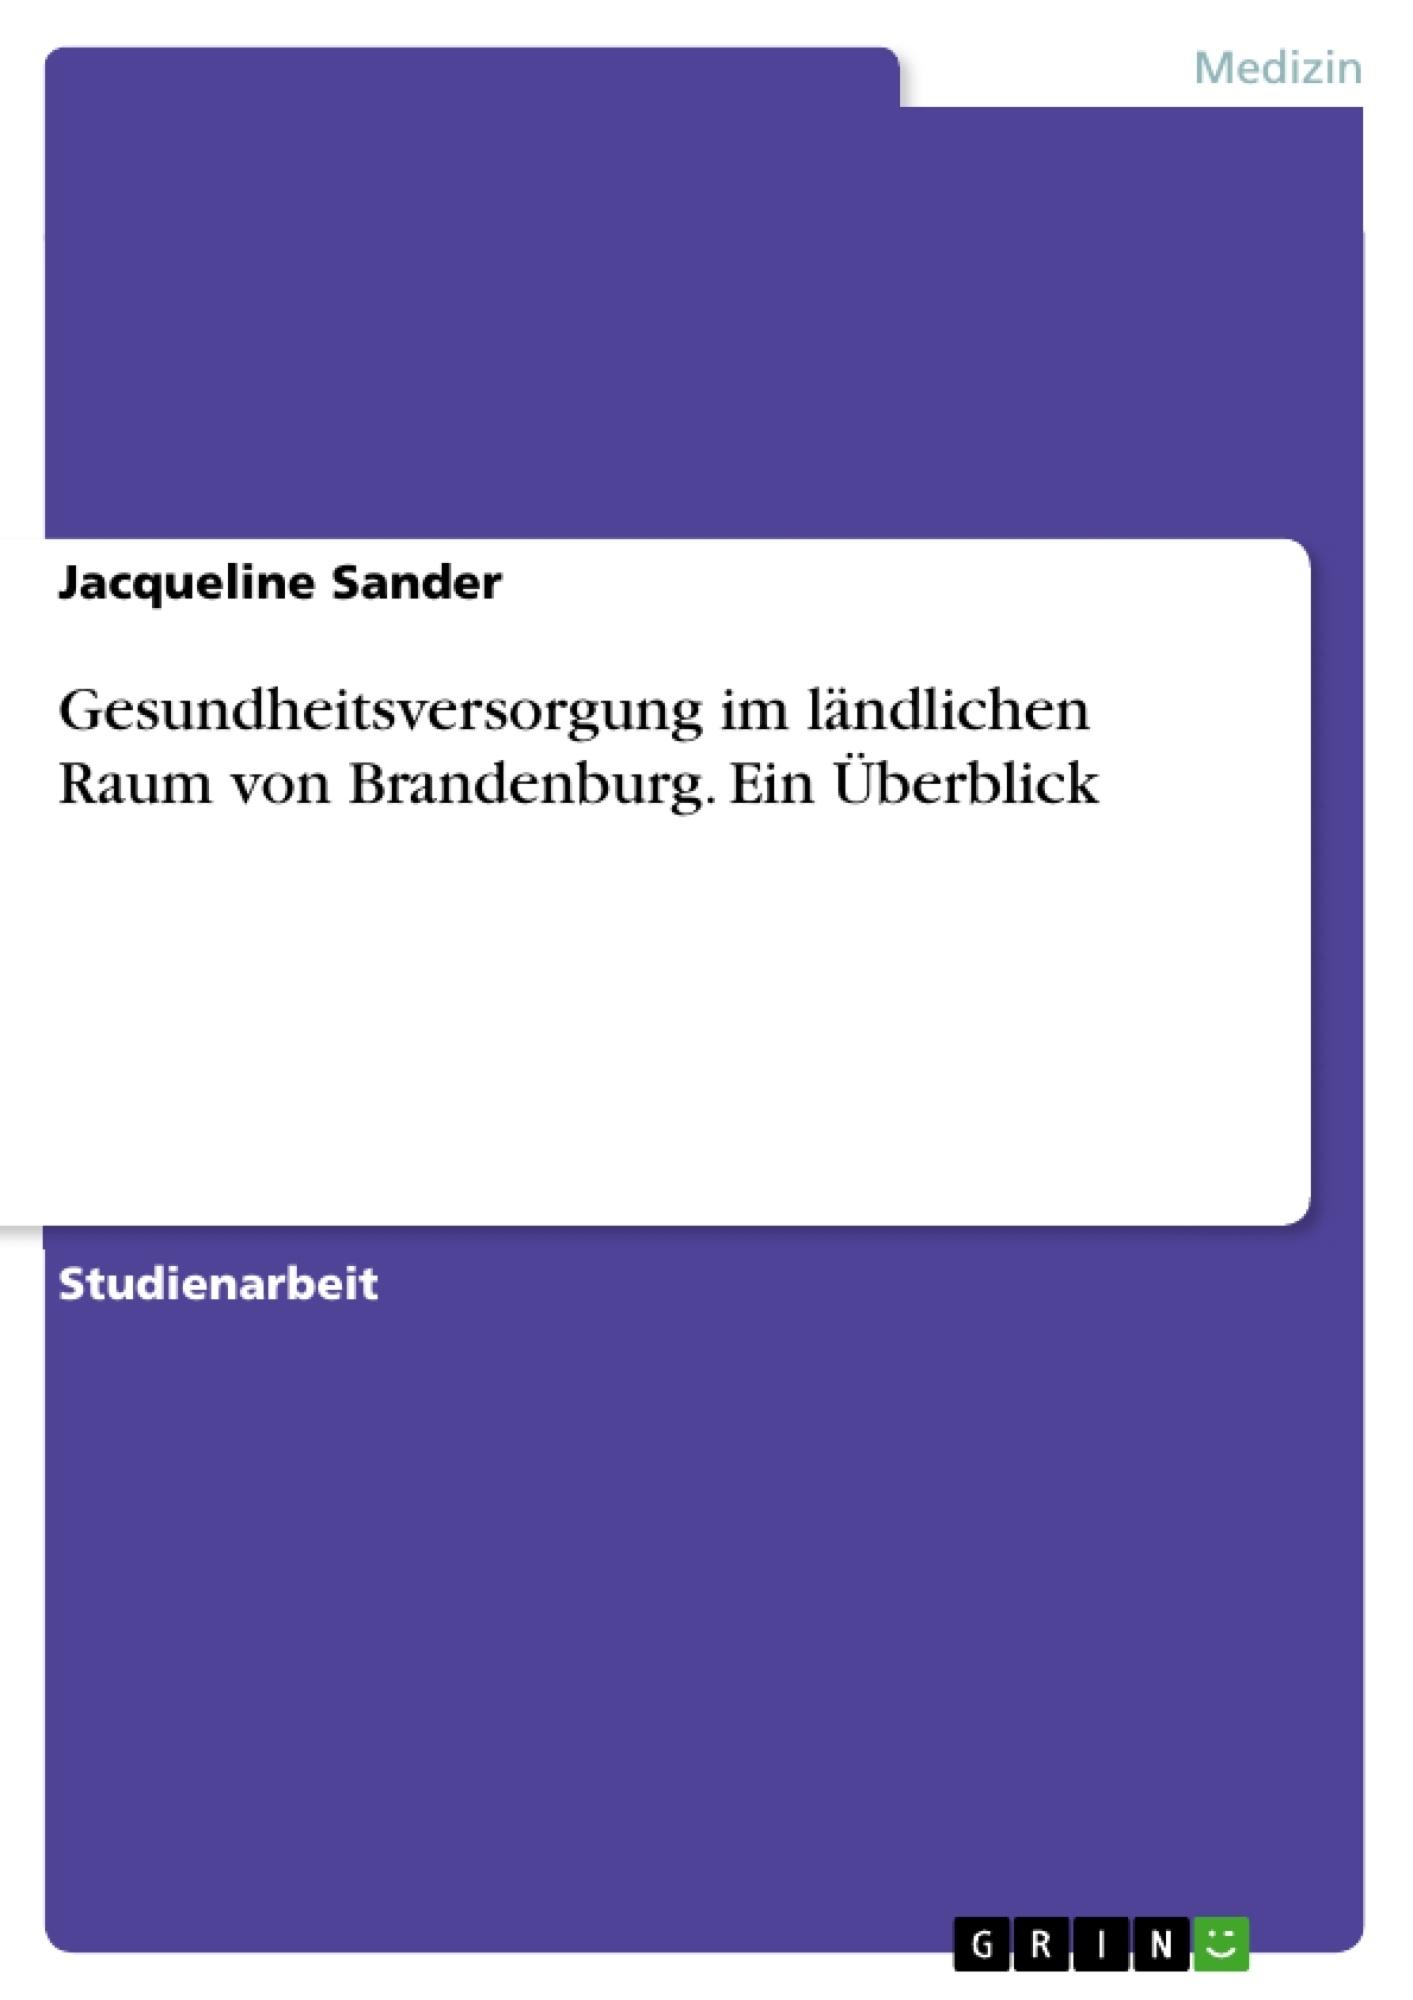 Titel: Gesundheitsversorgung im ländlichen Raum von Brandenburg. Ein Überblick